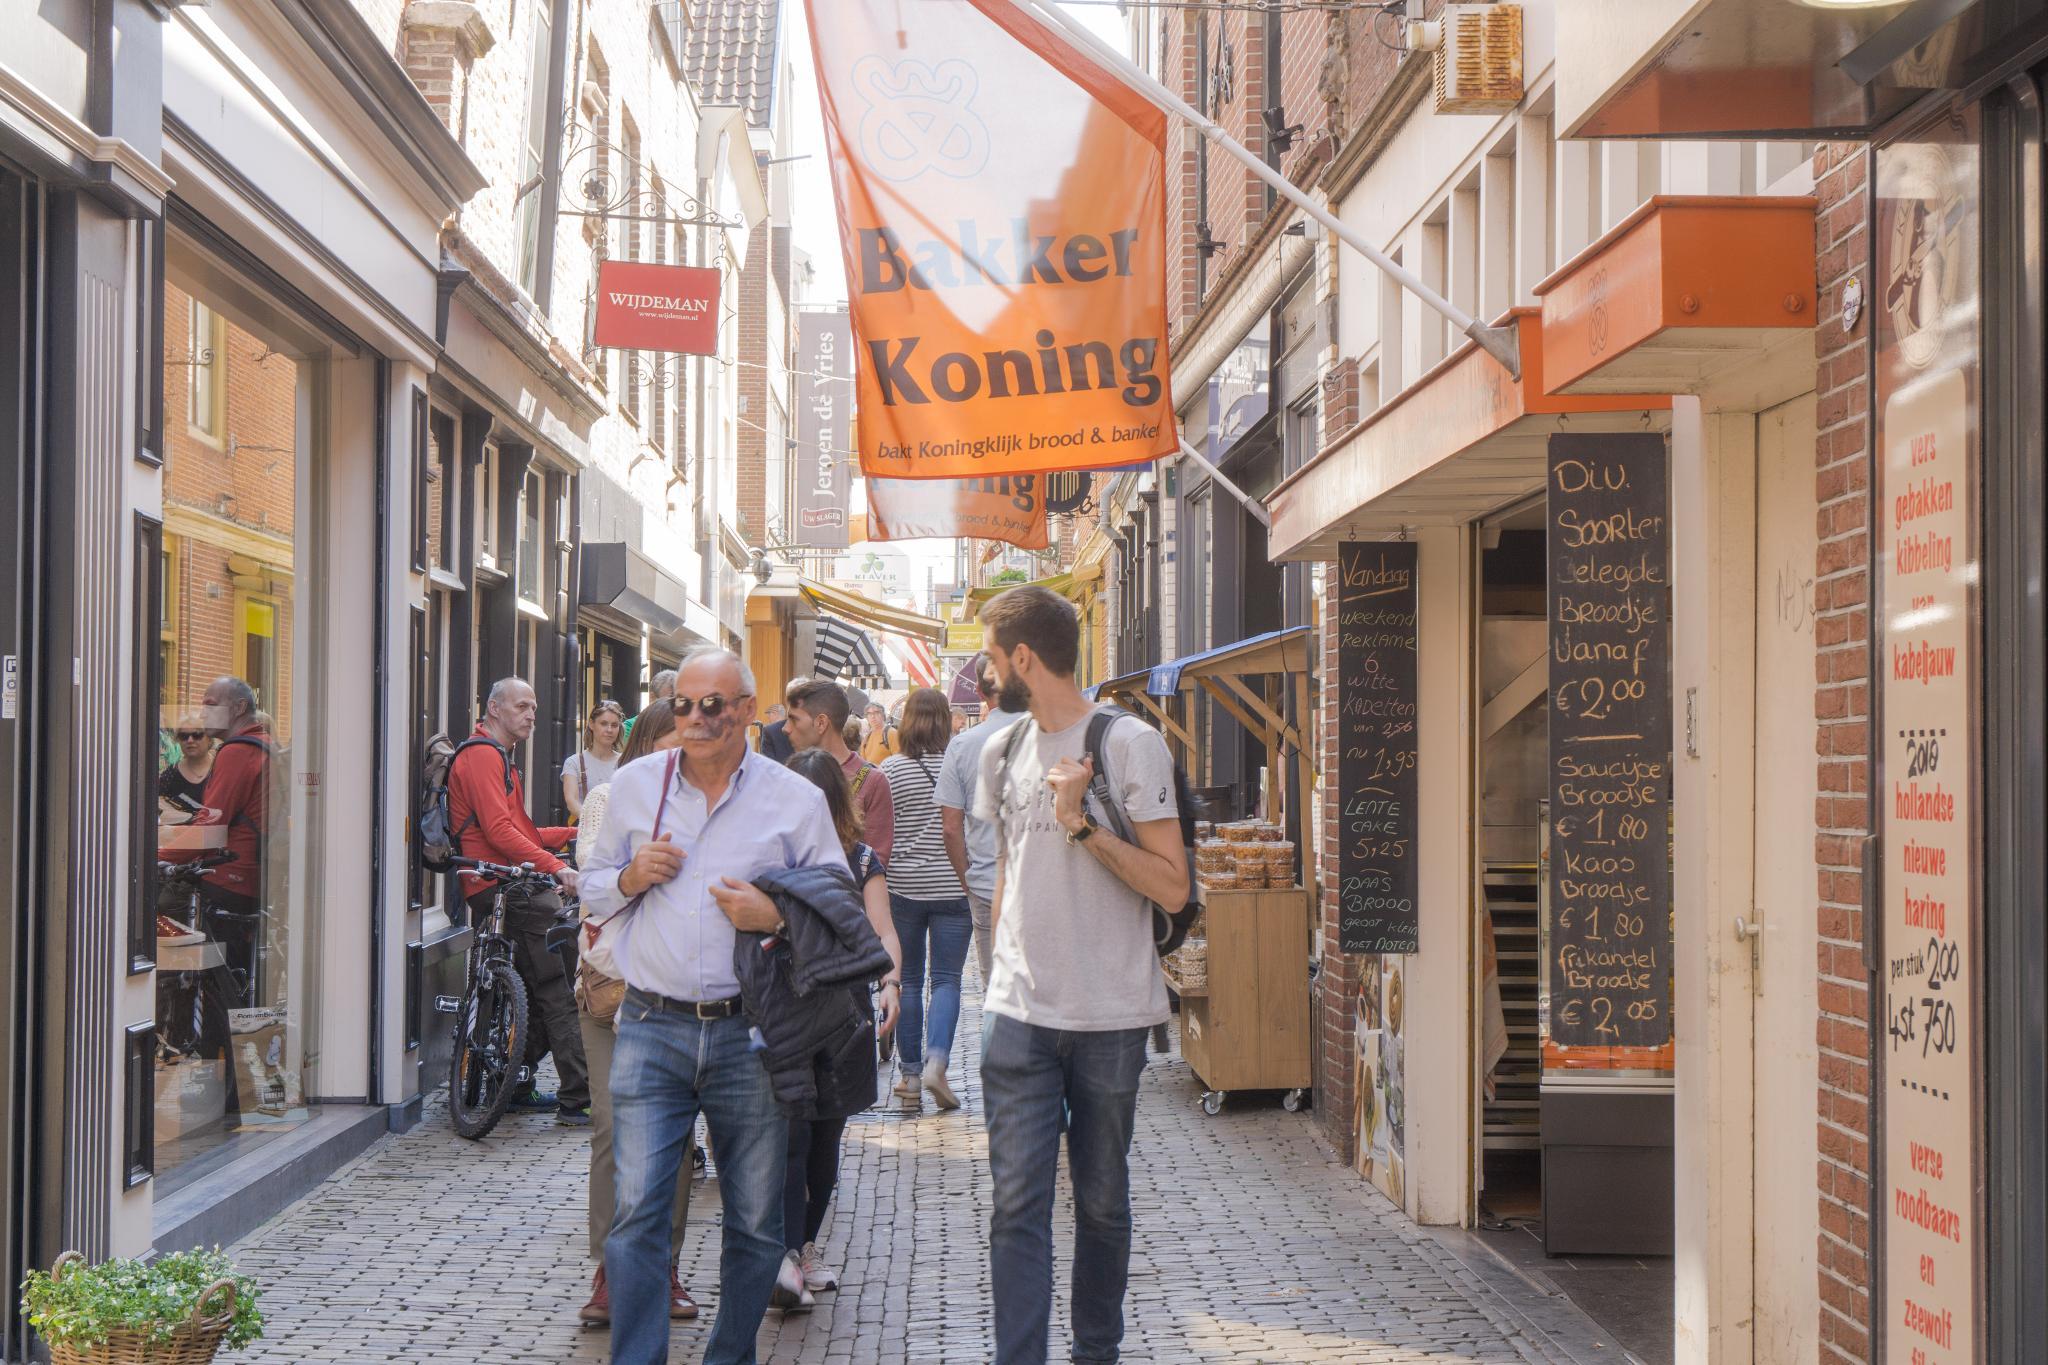 【荷蘭印象】體驗道地的荷式風情 — Alkmaar 起司市集 散步路線整理 39